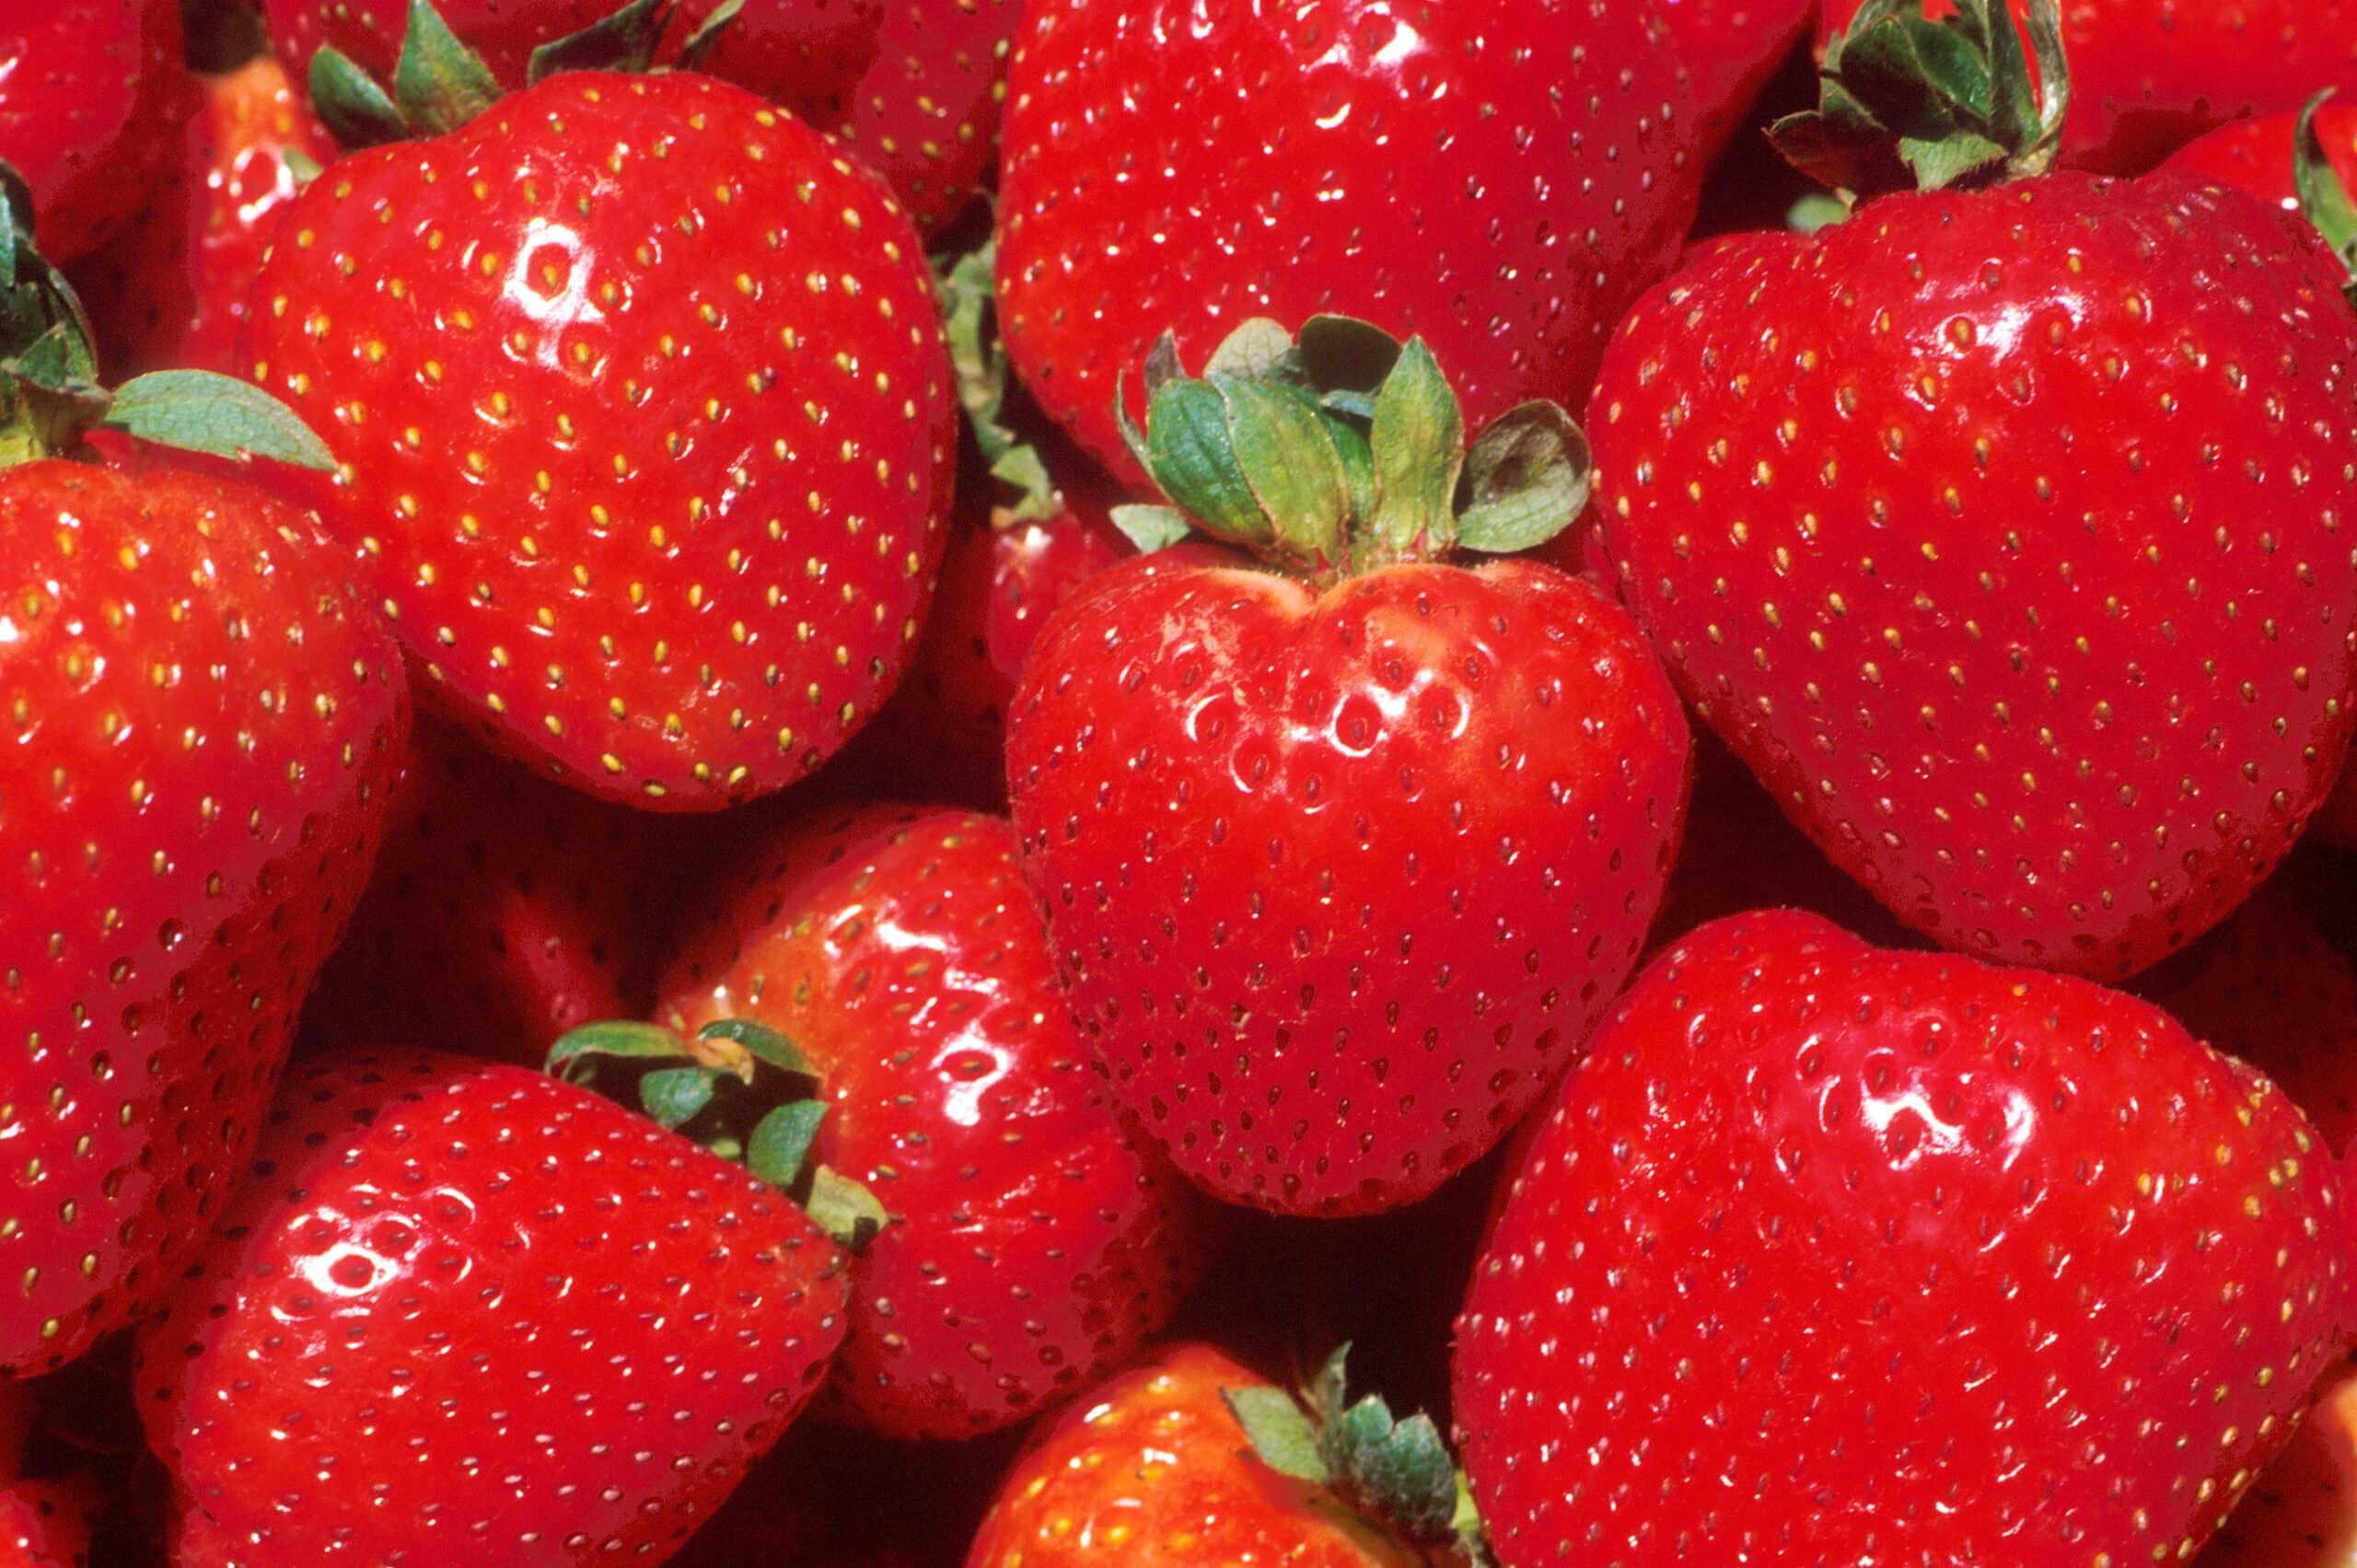 strawberries-5500937